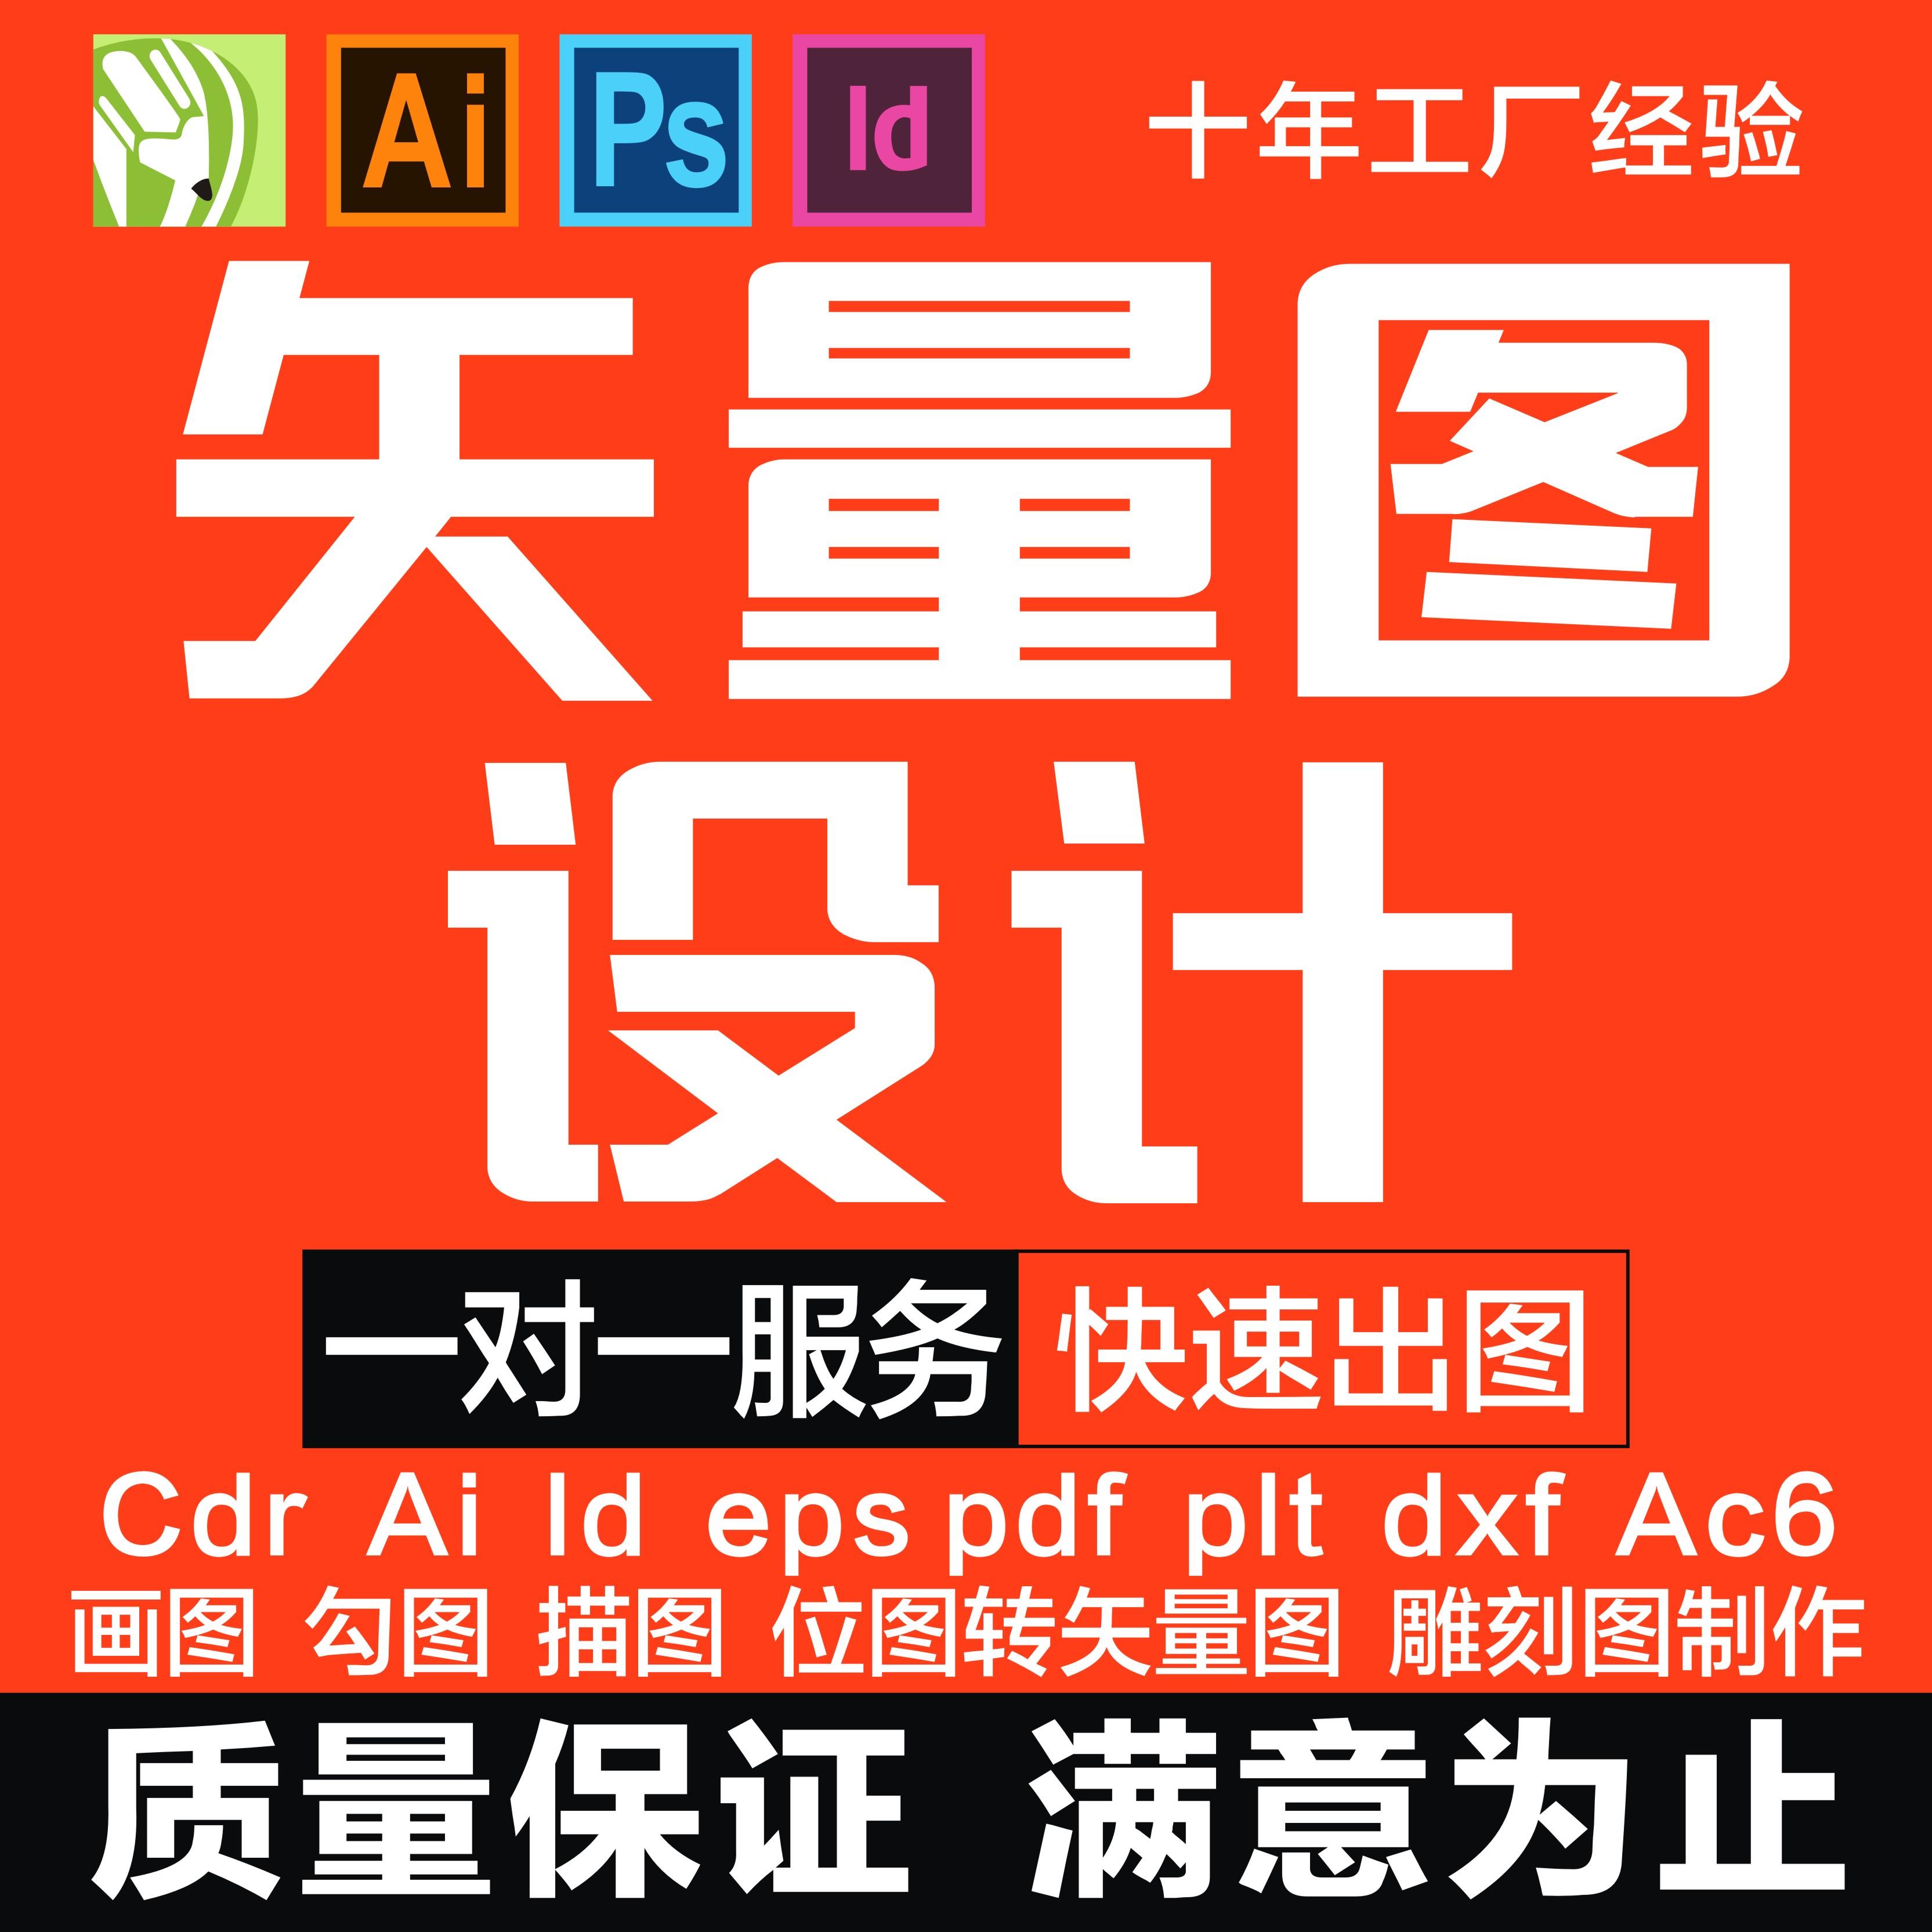 矢量图制作 cdr设计文件制作翻版抠图雕刻图代画ai勾图片转源文件